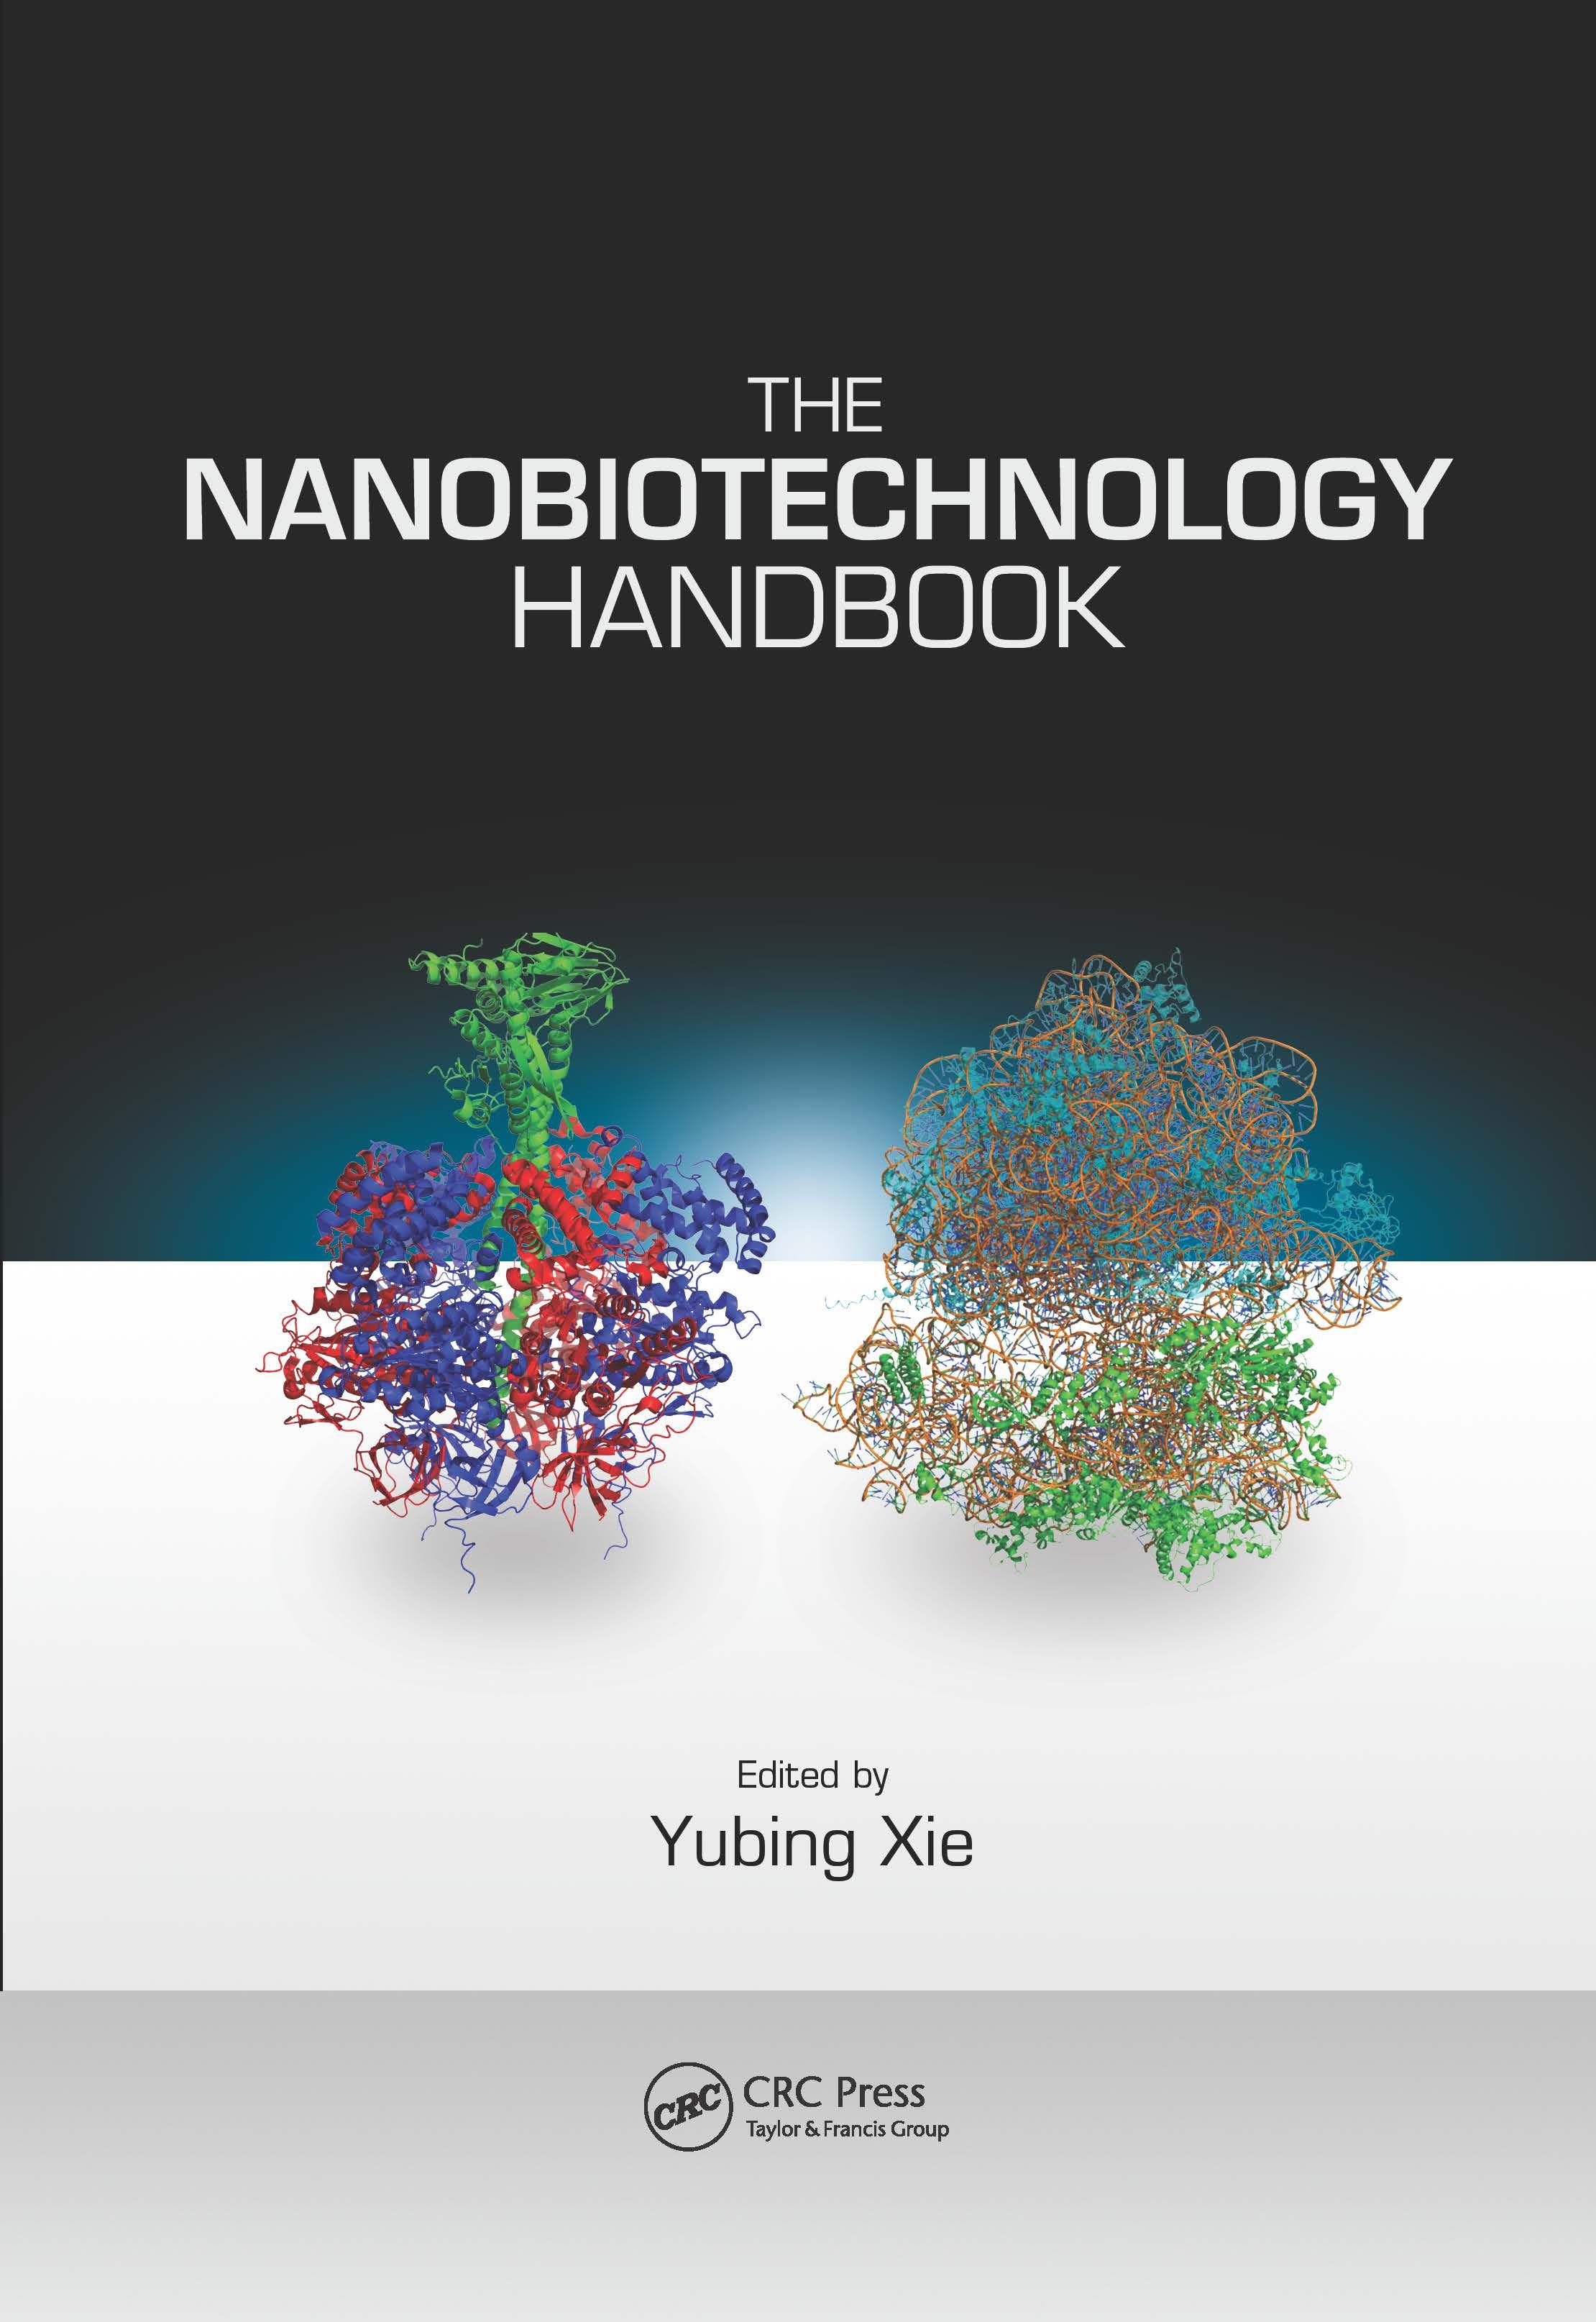 The Nanobiotechnology Handbook